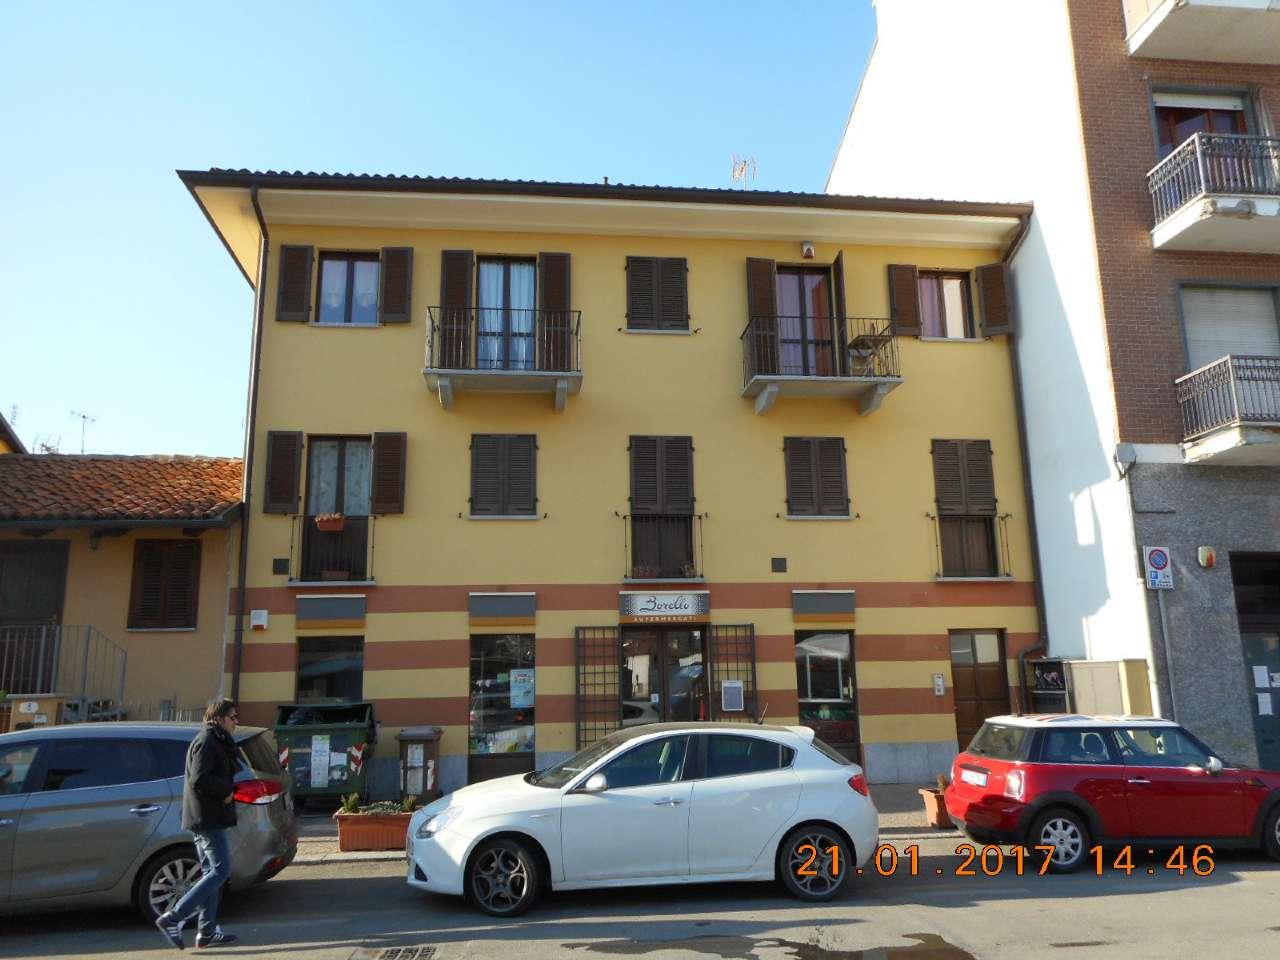 Attico / Mansarda in vendita a Chieri, 9999 locali, prezzo € 132.500 | Cambio Casa.it